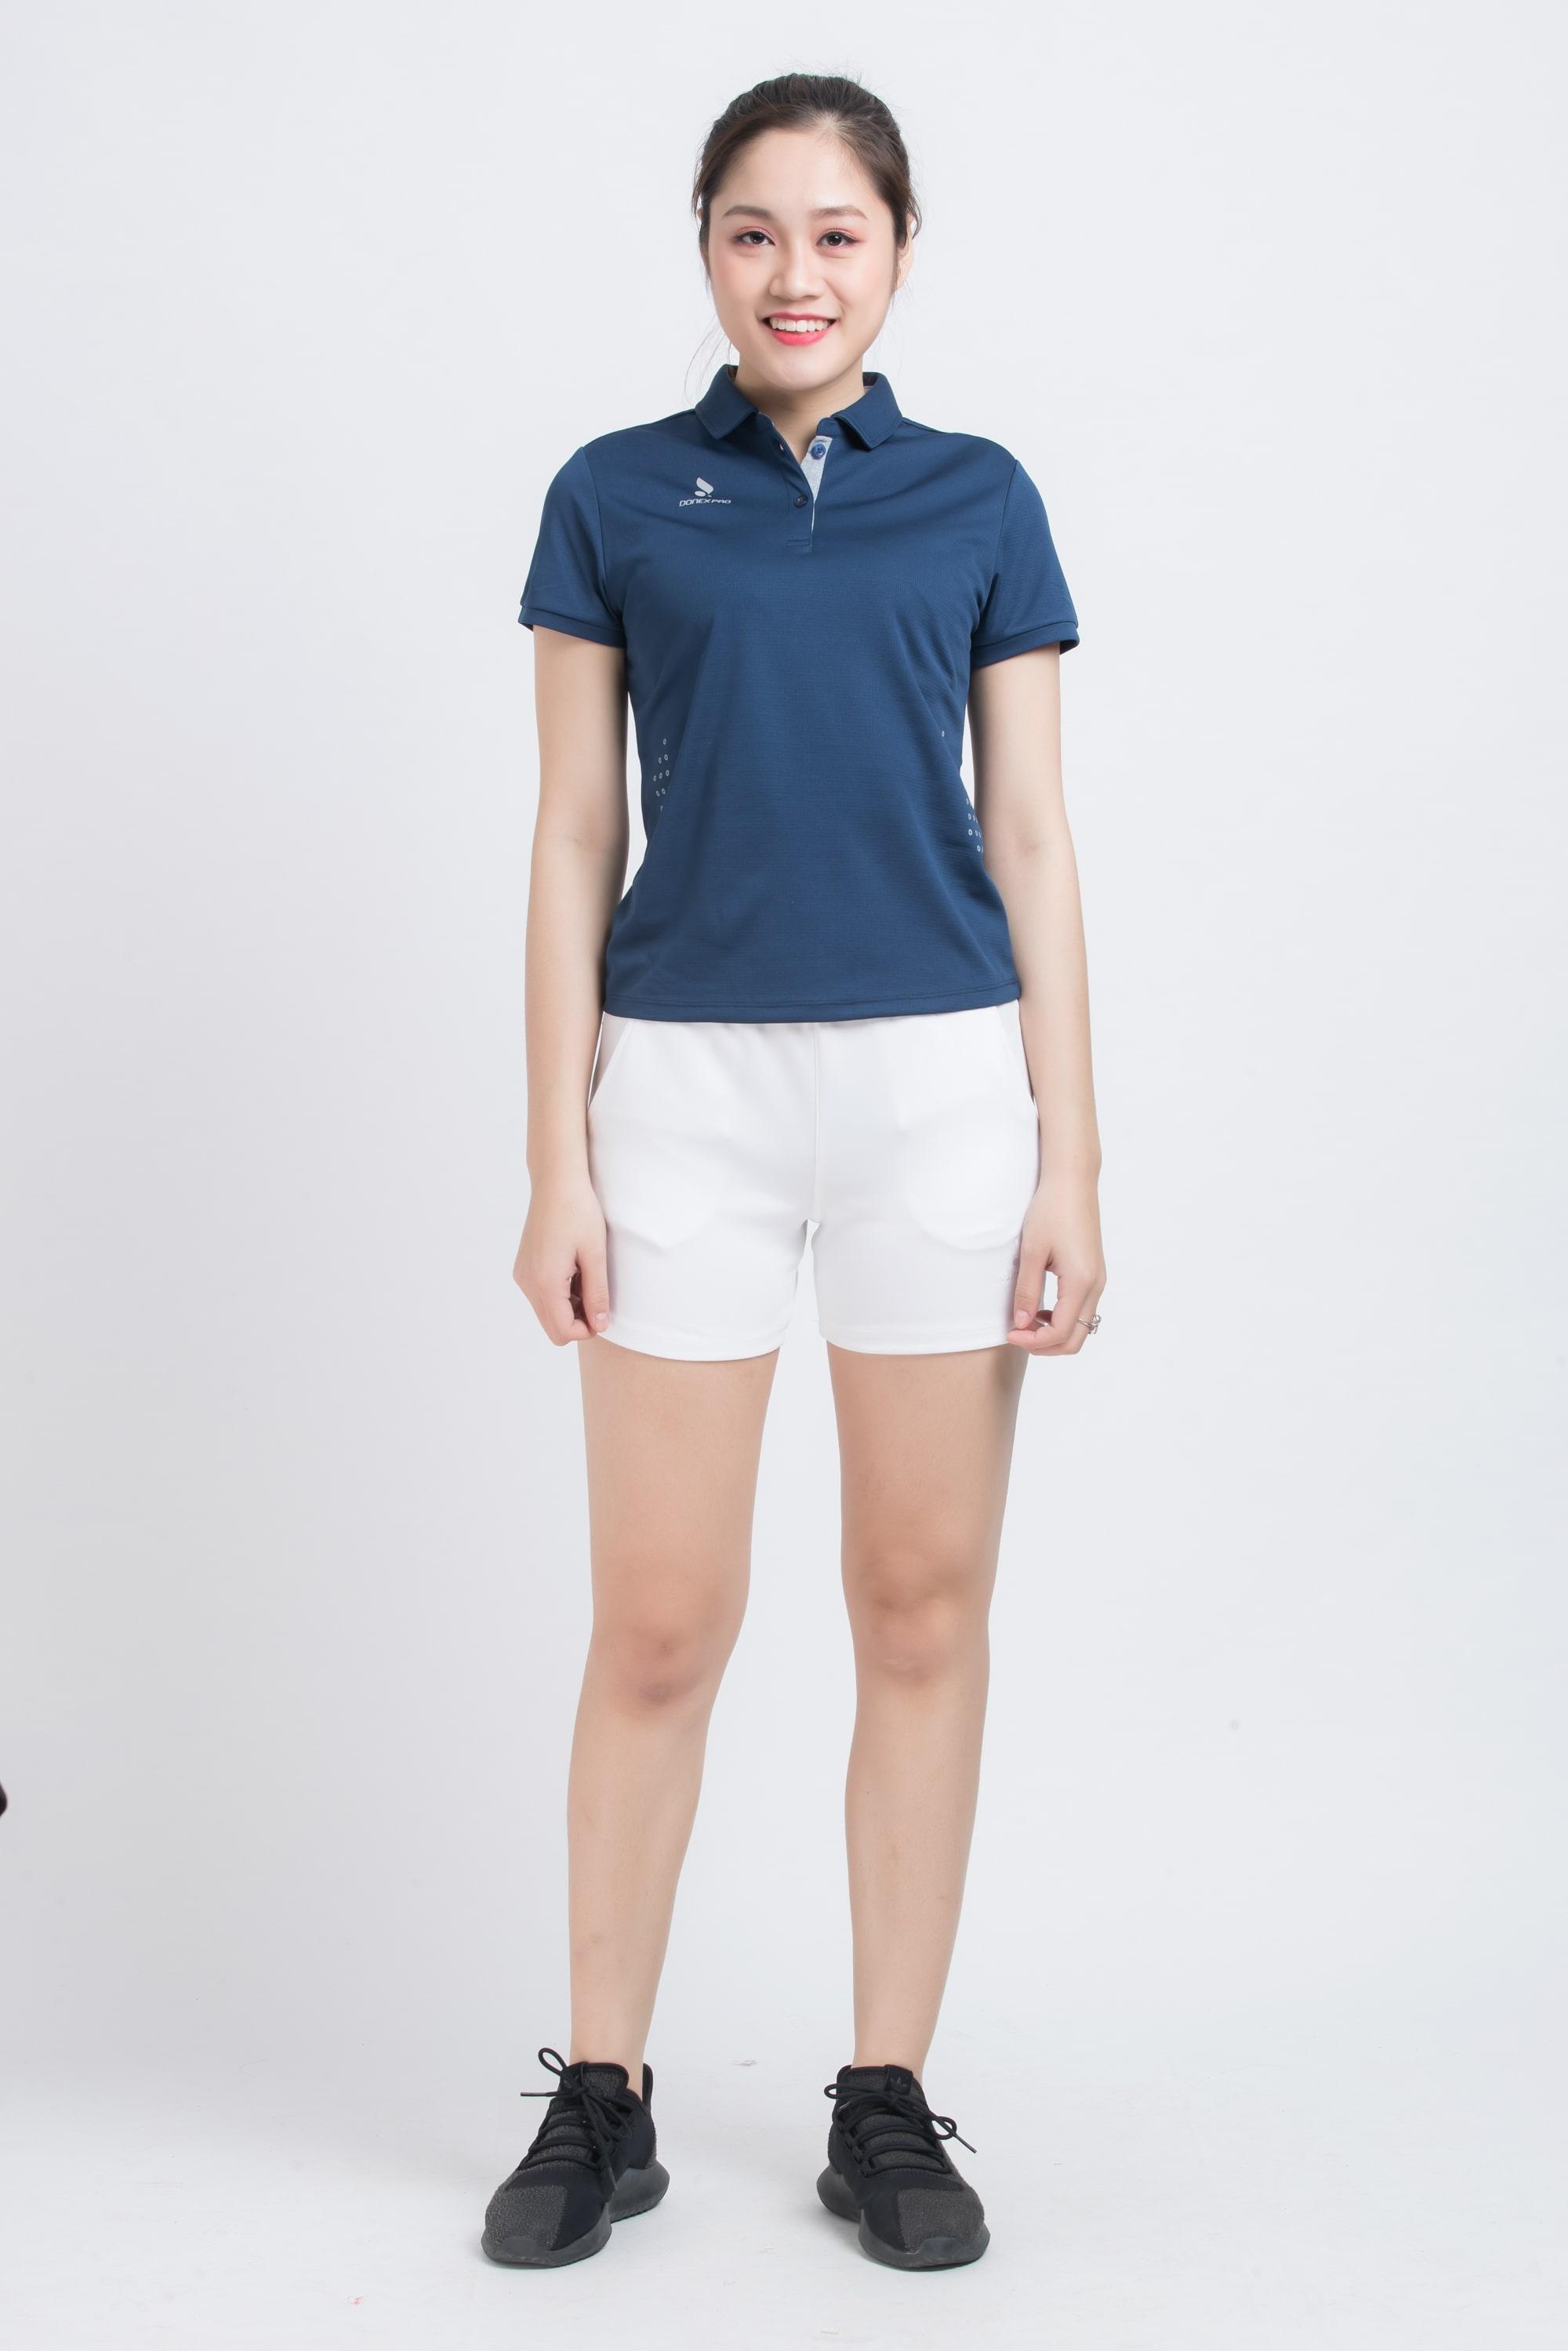 Quần thể thao nữ ASC-868 - Trắng phối trắng